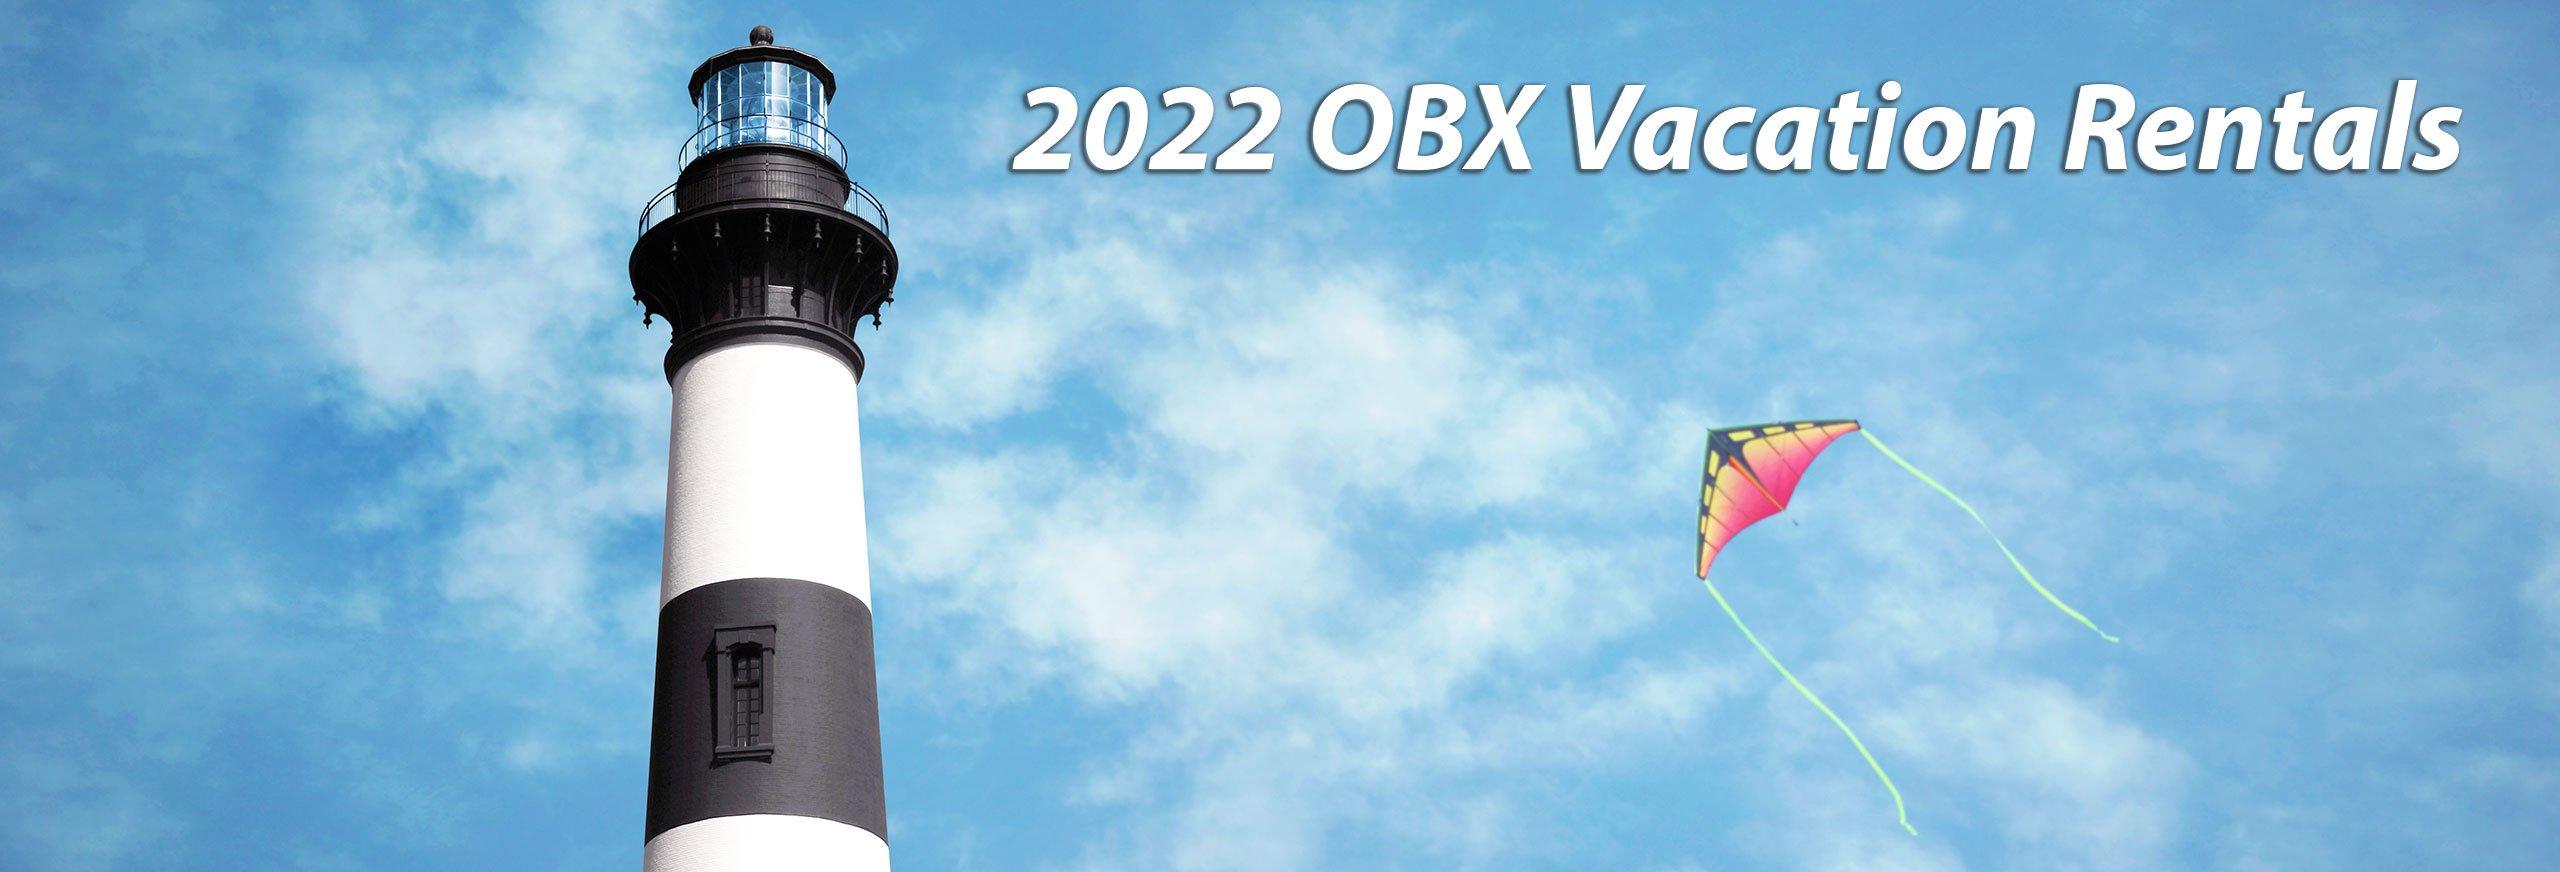 2022 OBX Vacation Rentals